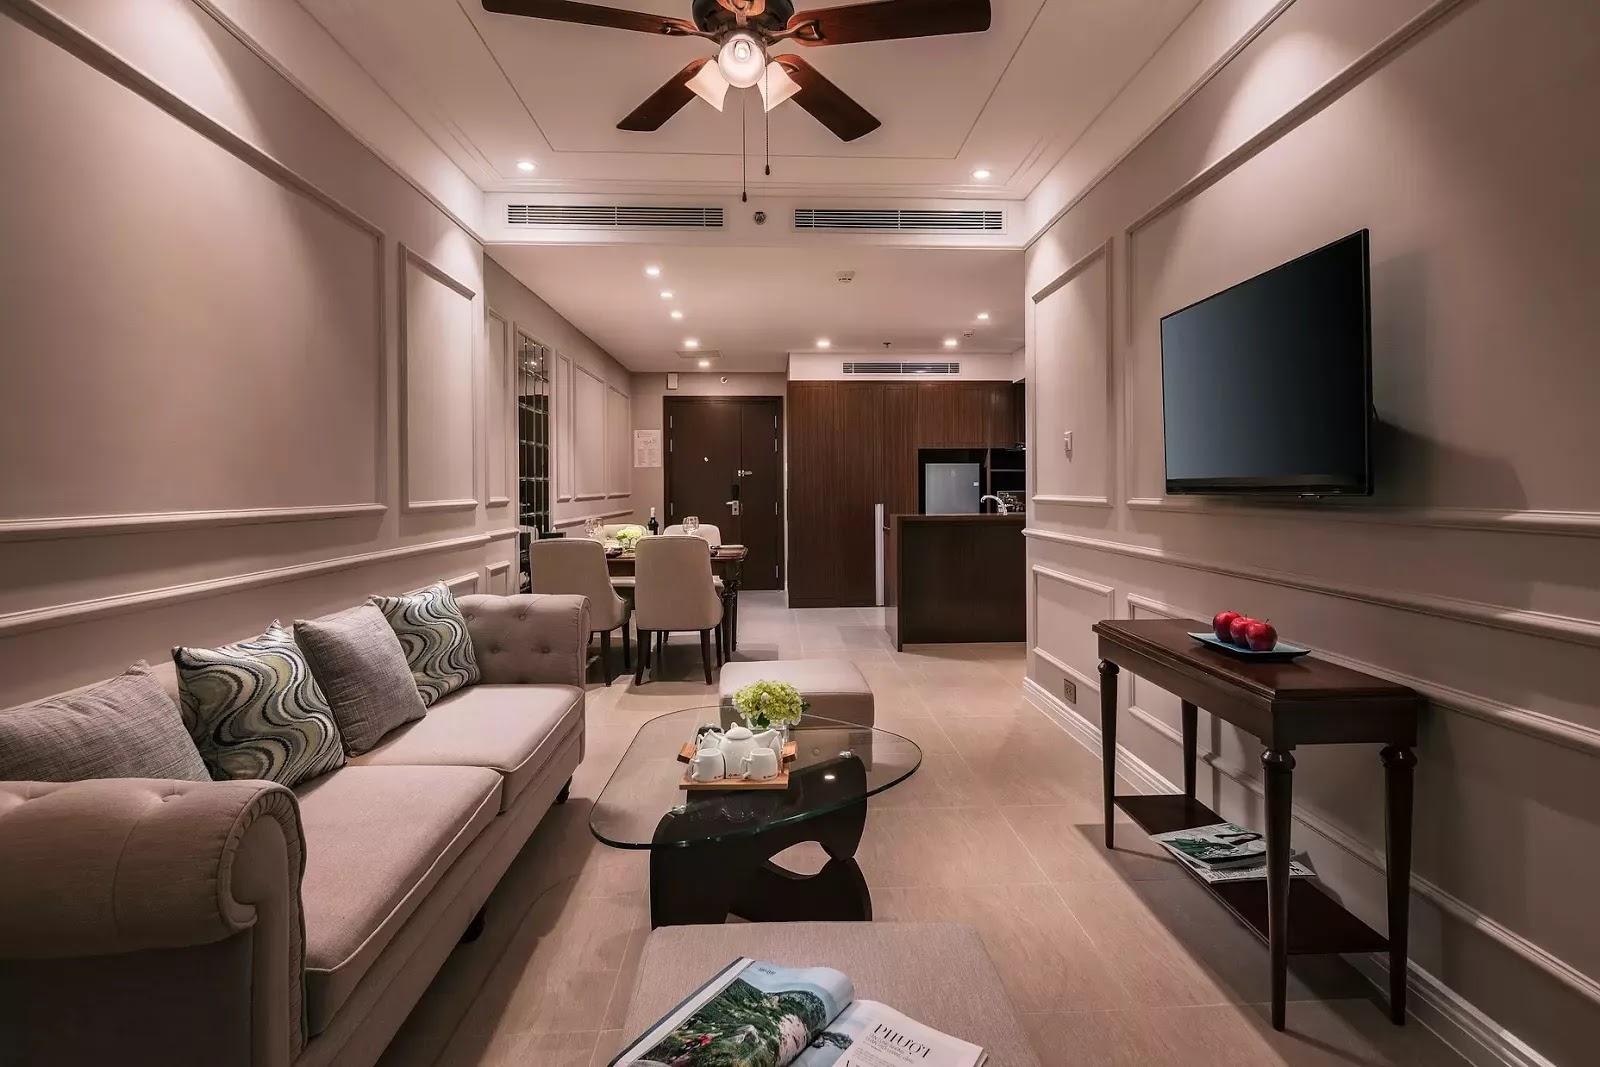 Hình ảnh căn hộ 02 Alphanam Luxury